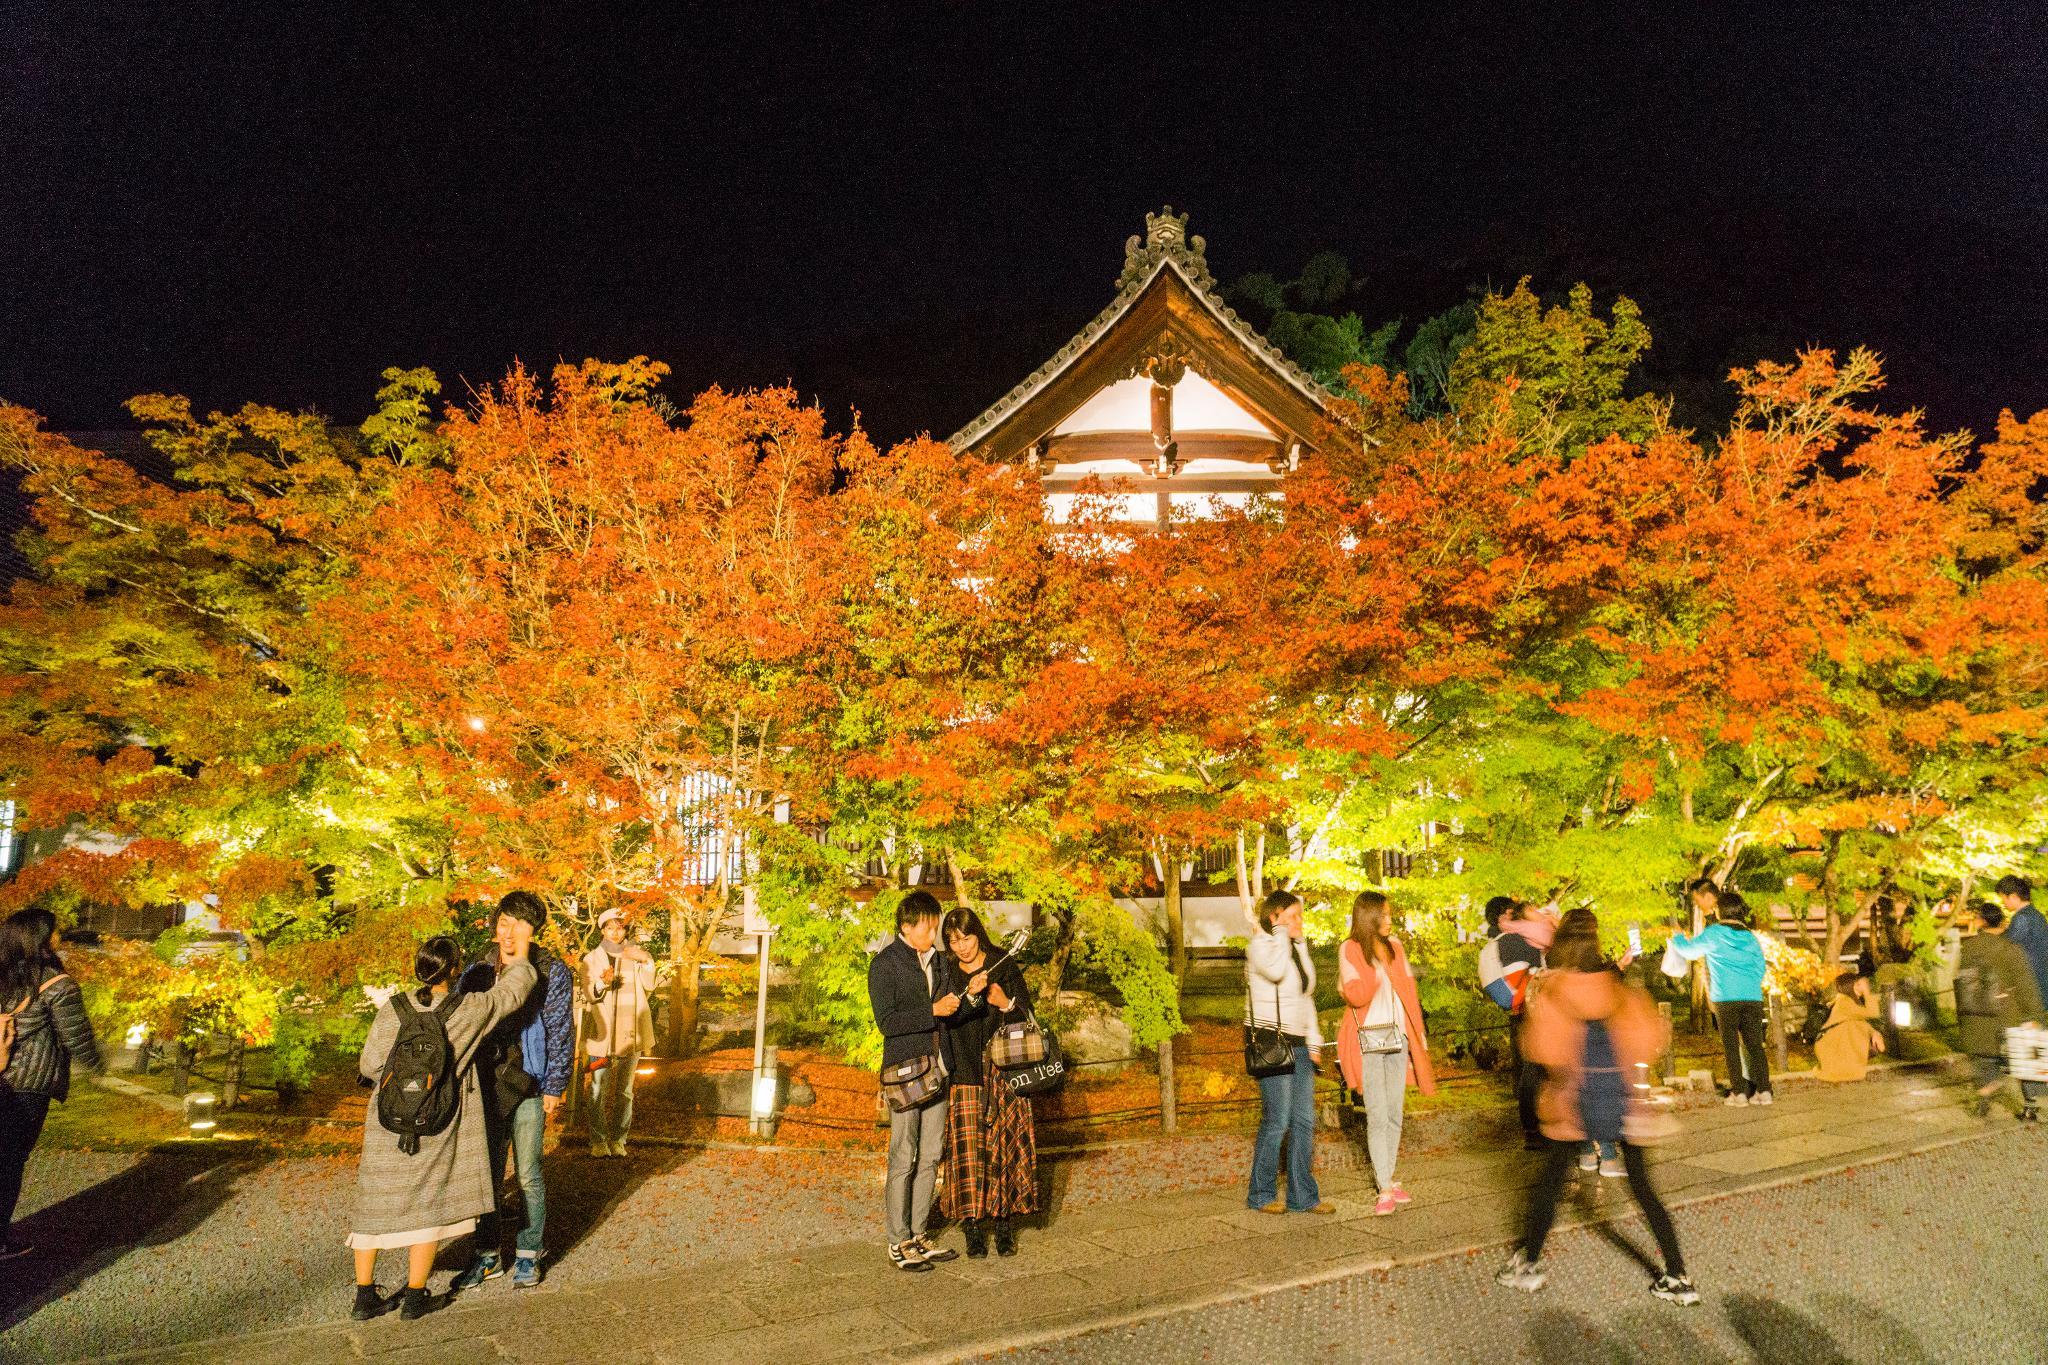 【京都】此生必來的紅葉狩絕景 - 永觀堂夜楓 130